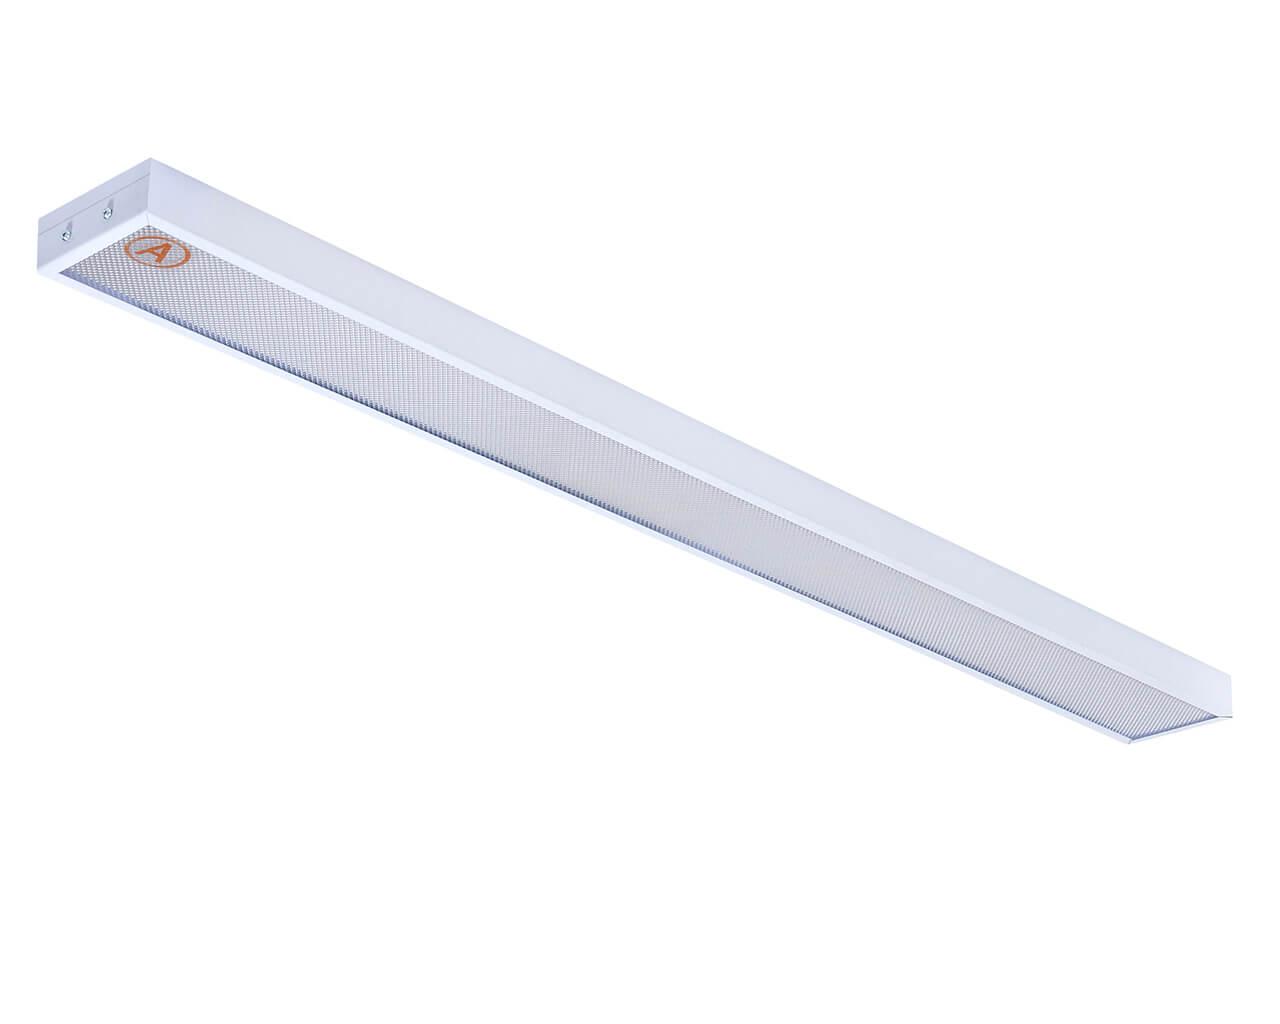 Накладной светильник узкий LC-NSU-40 ватт 1195x110 Теплый белый Призма Бап 3 часа